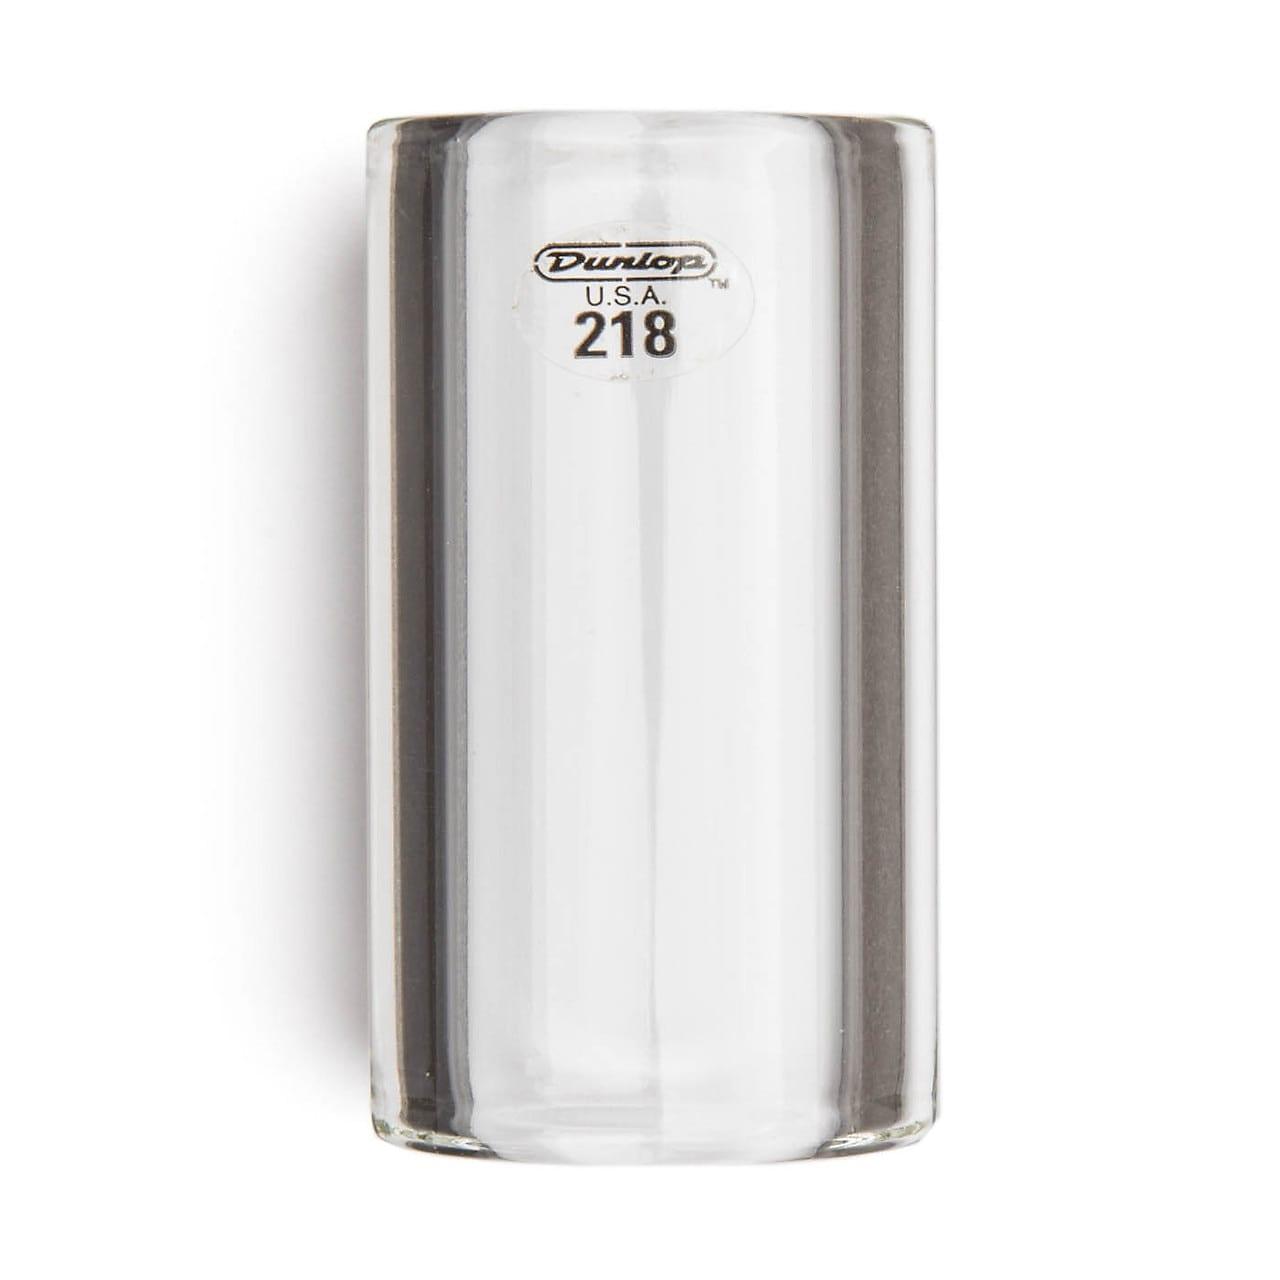 Dunlop 218 Medium Short Pyrex Glass Slide Heavy Wall